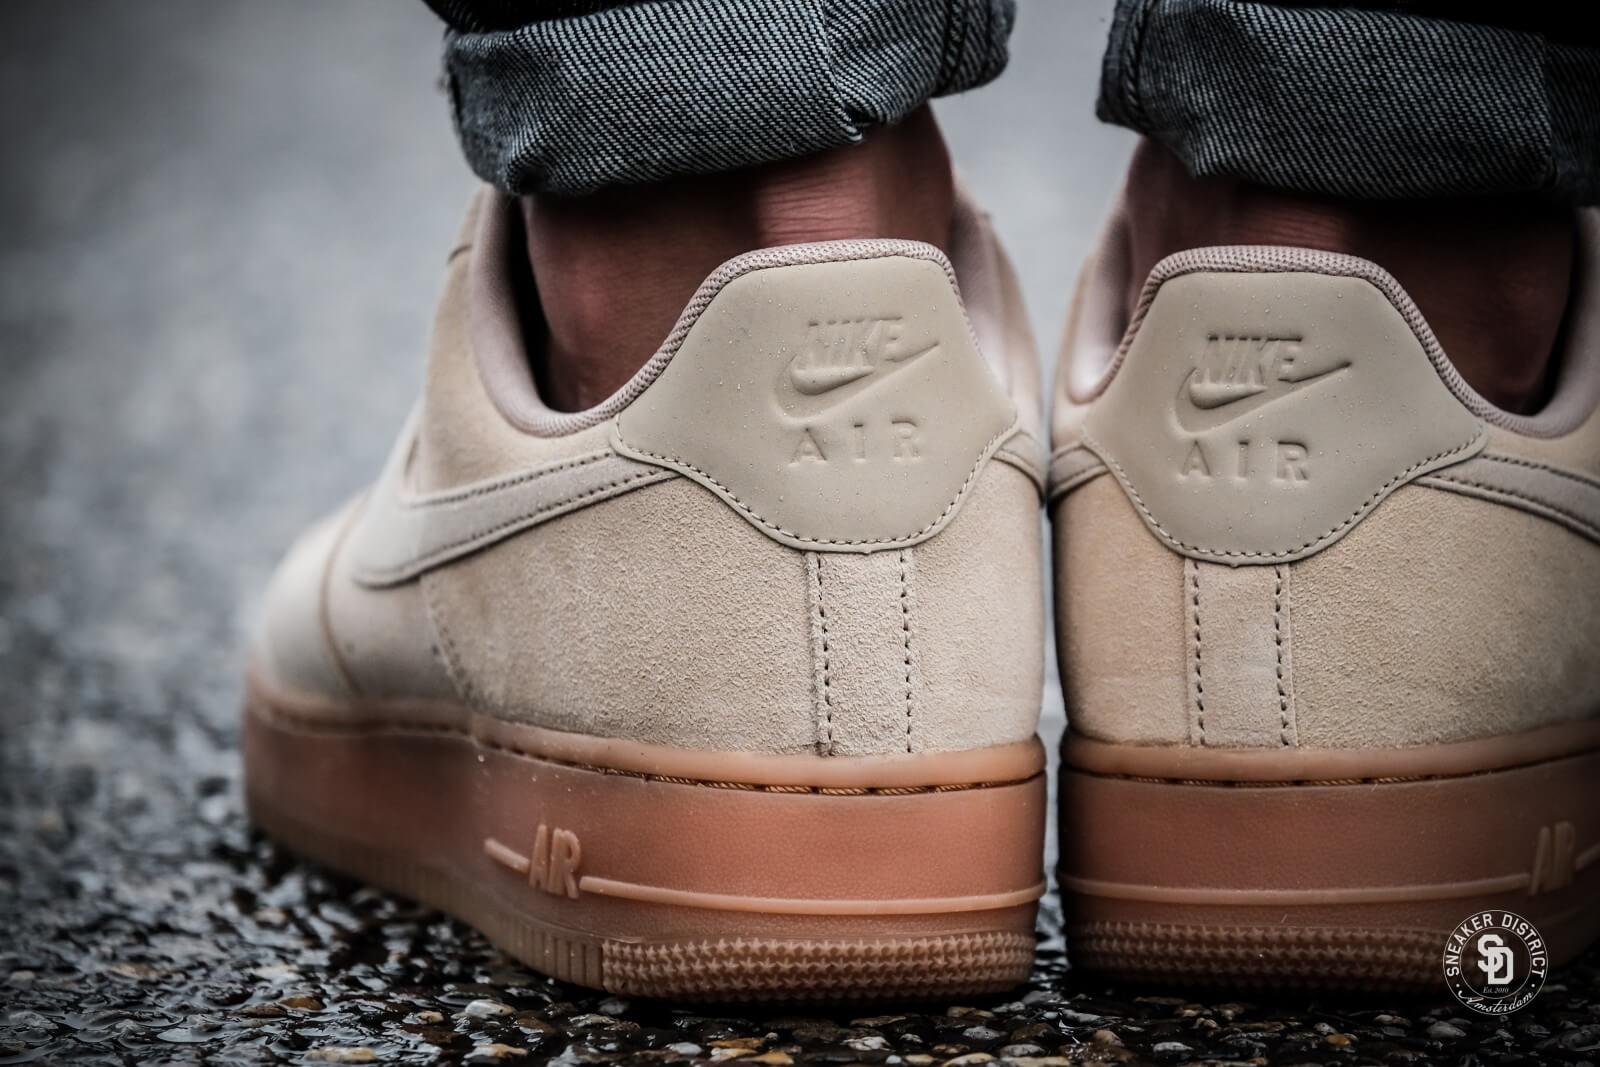 nike air force 1 brown suede